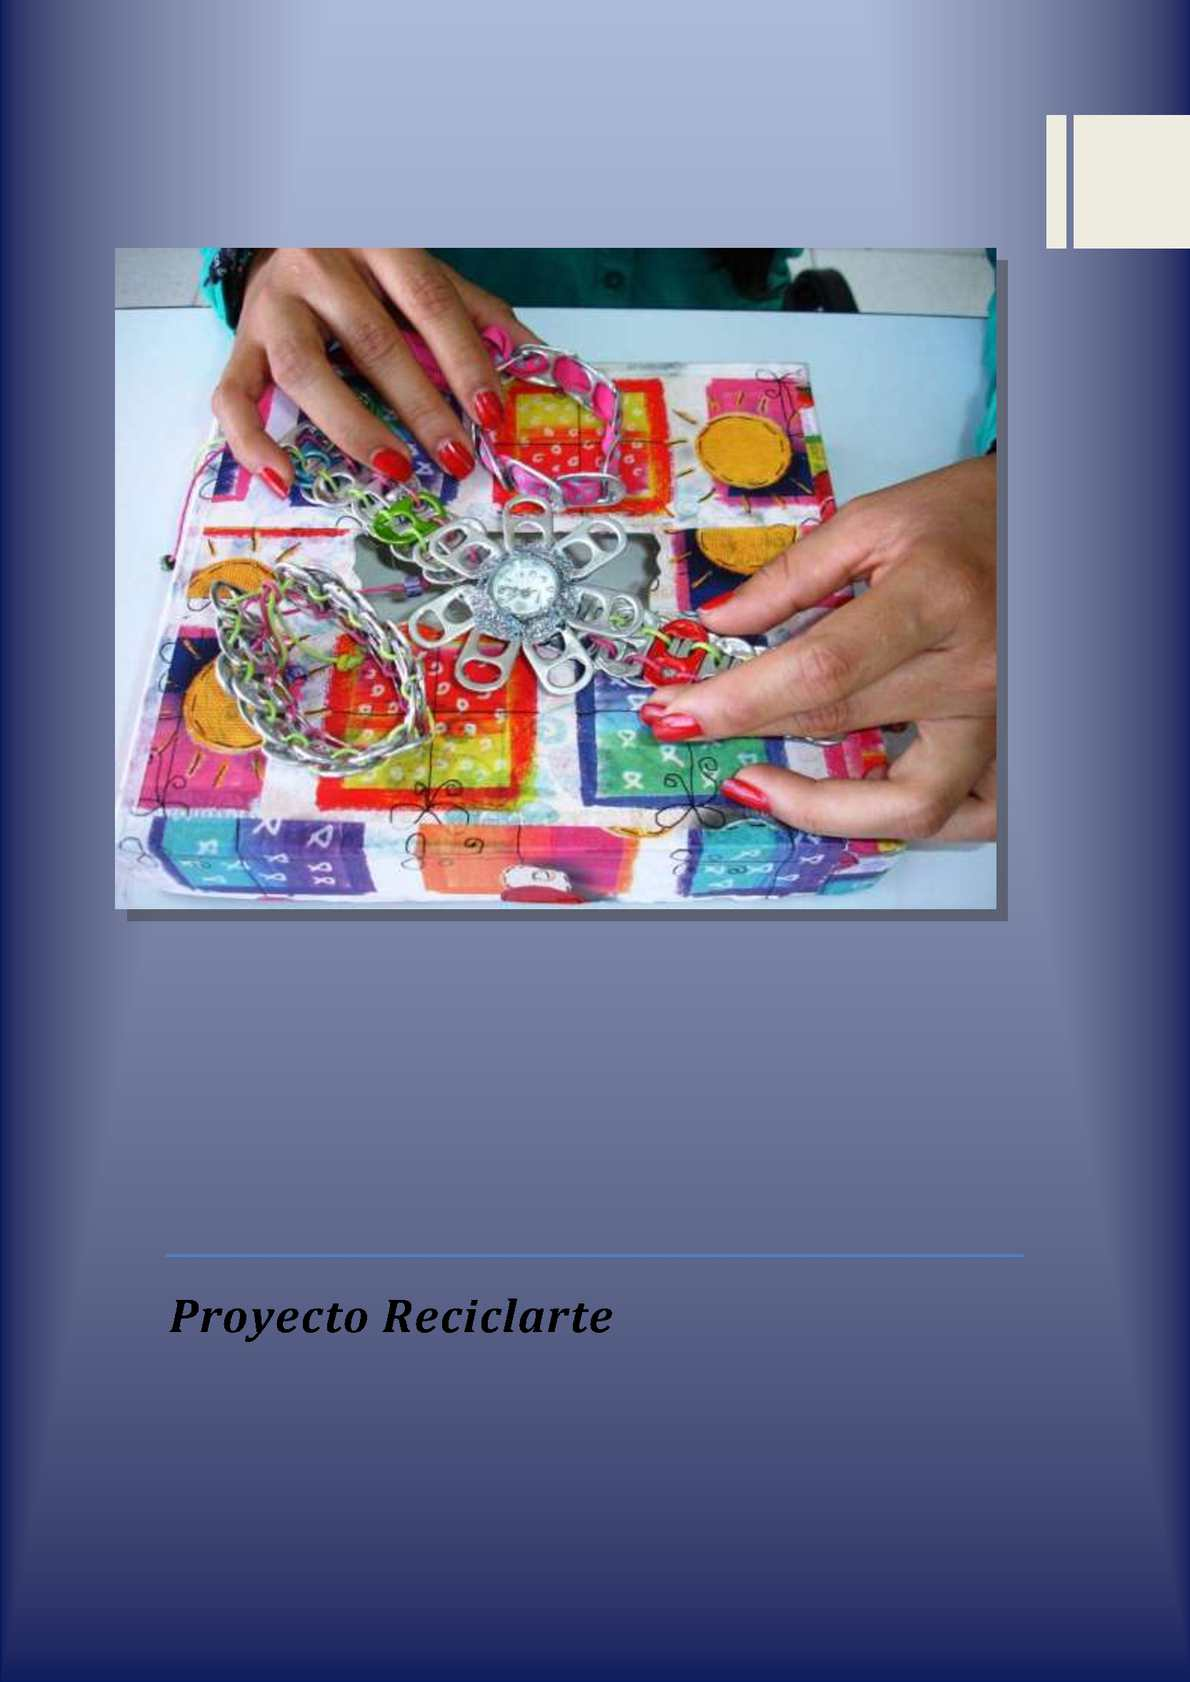 Proyecto Reciclarte